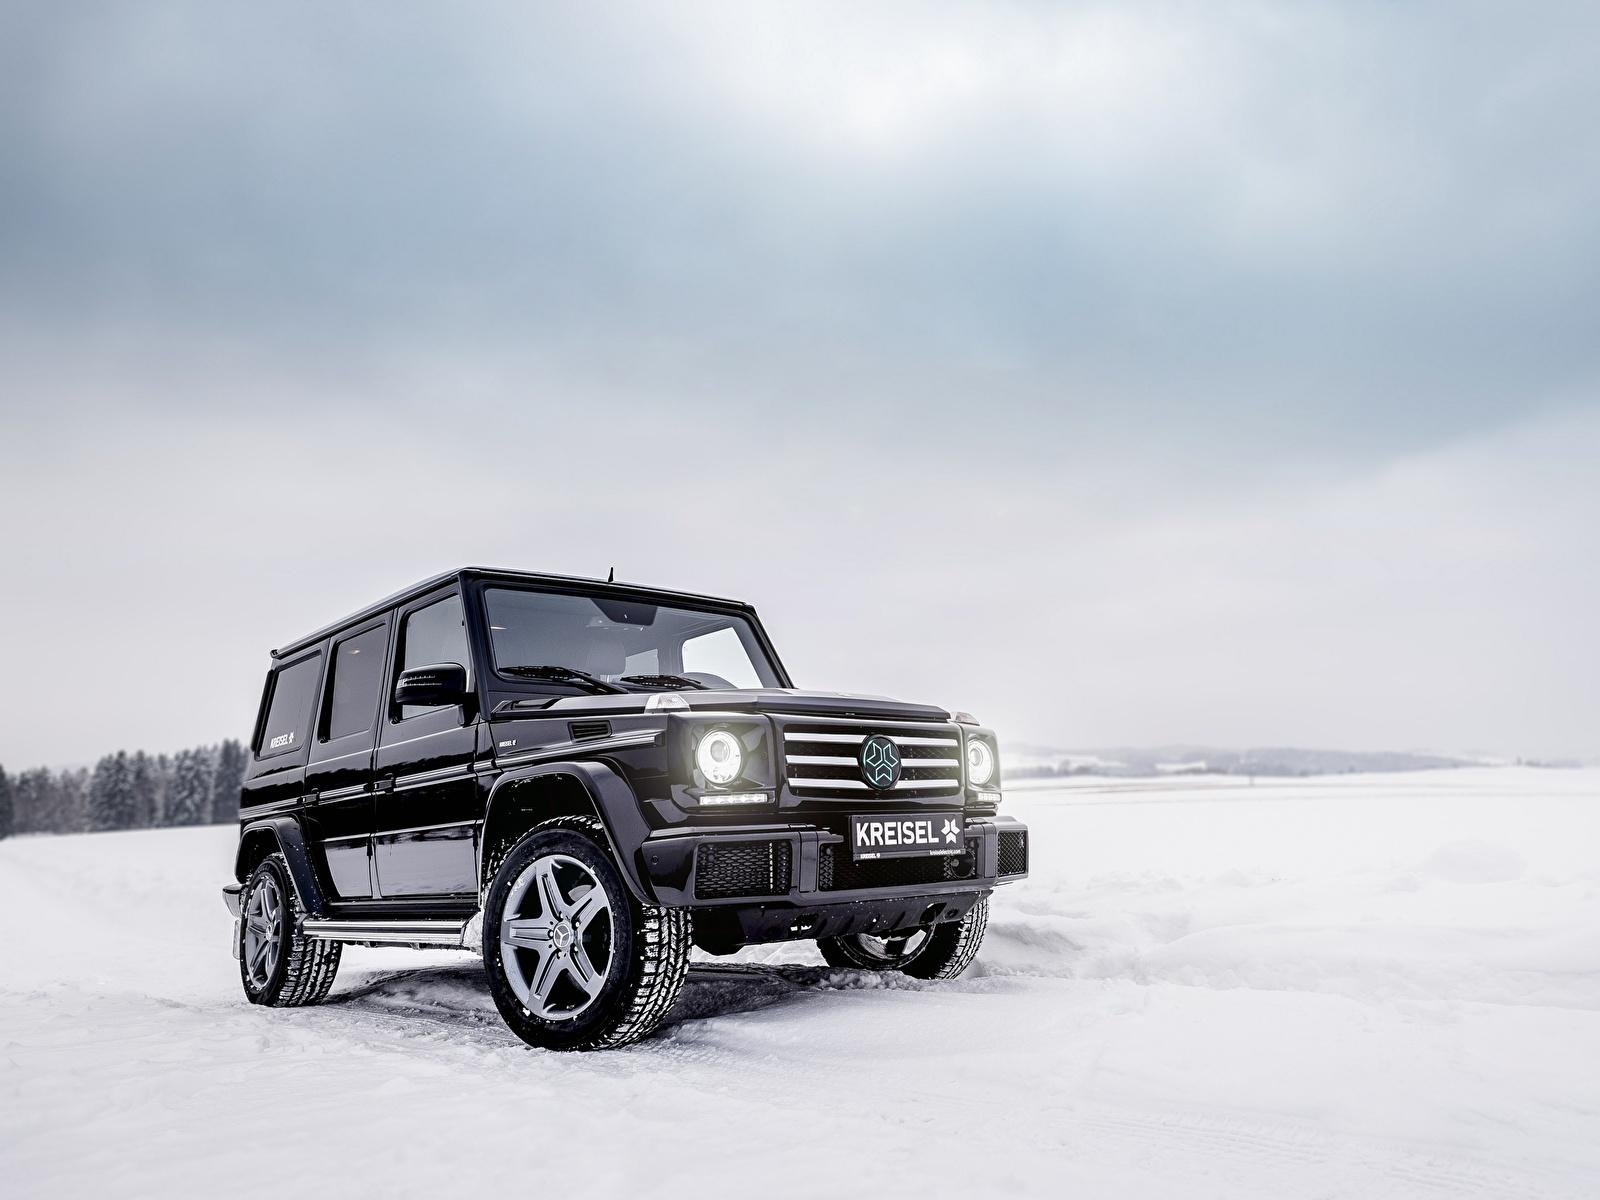 Обои для рабочего стола Mercedes-Benz G-класс W463 Зима черных снегу Автомобили 1600x1200 Мерседес бенц Гелентваген Черный черные черная зимние Снег снеге снега авто машина машины автомобиль